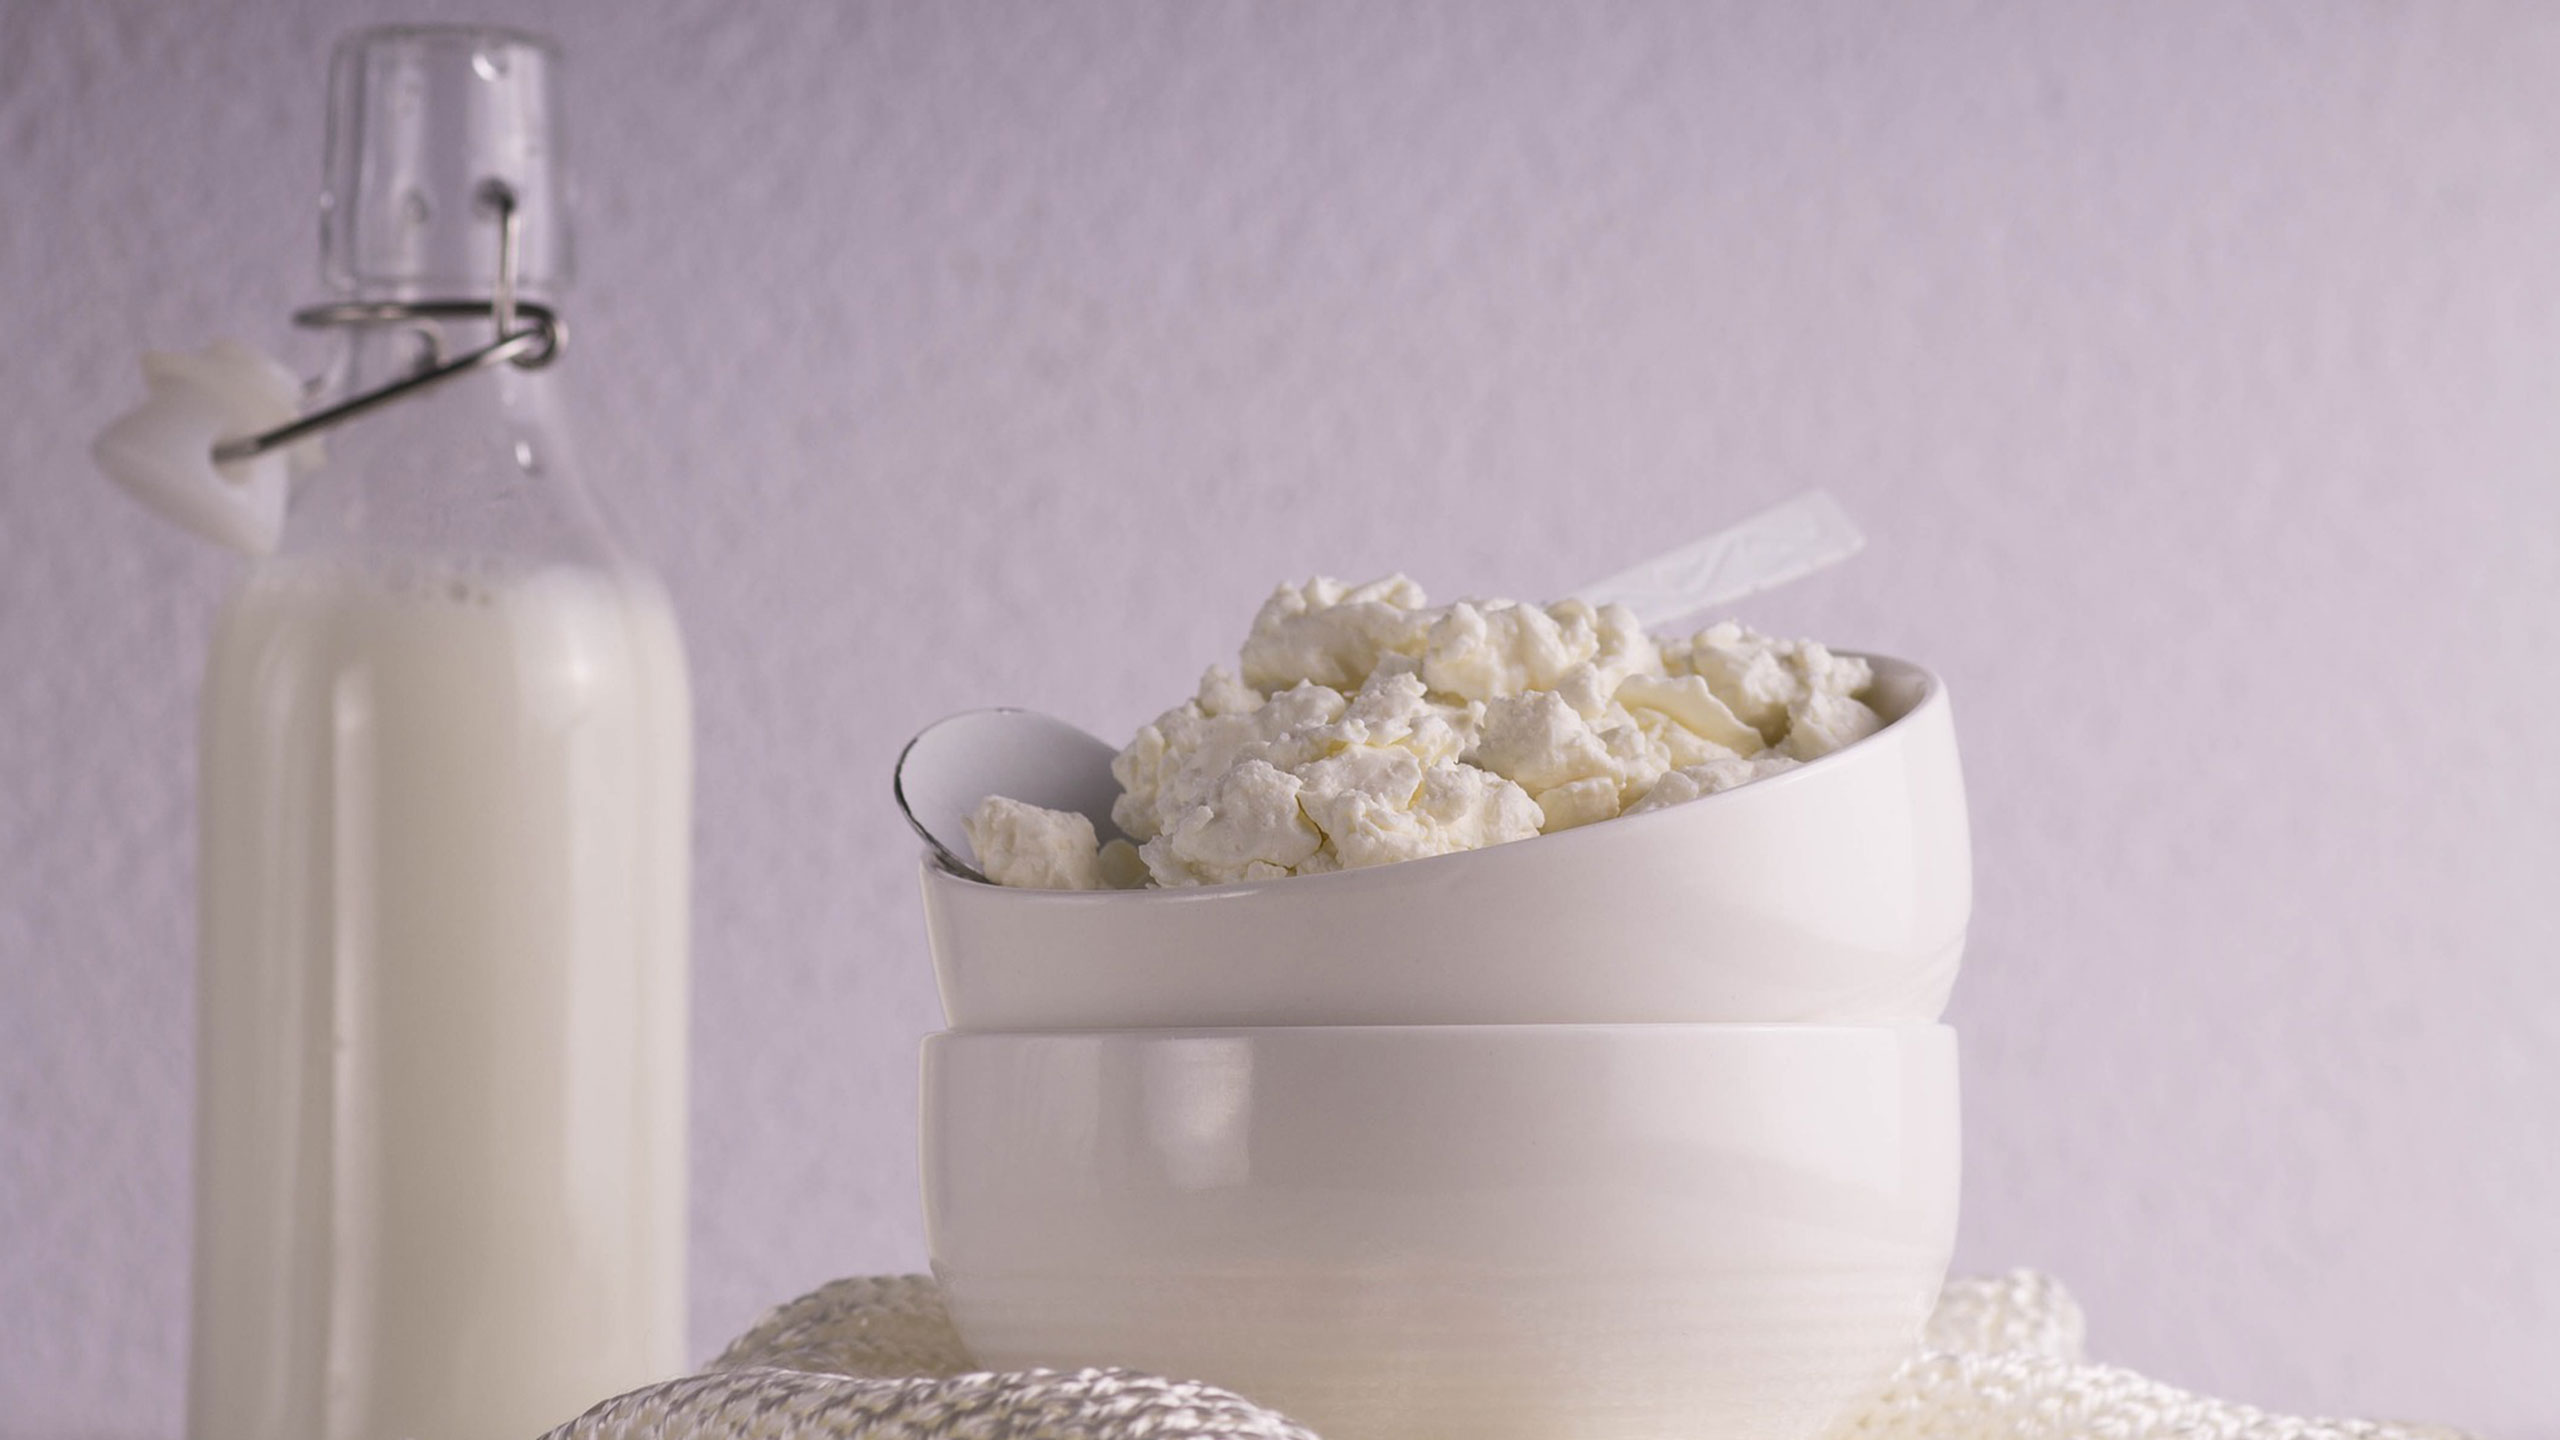 búlgaros-de-leche